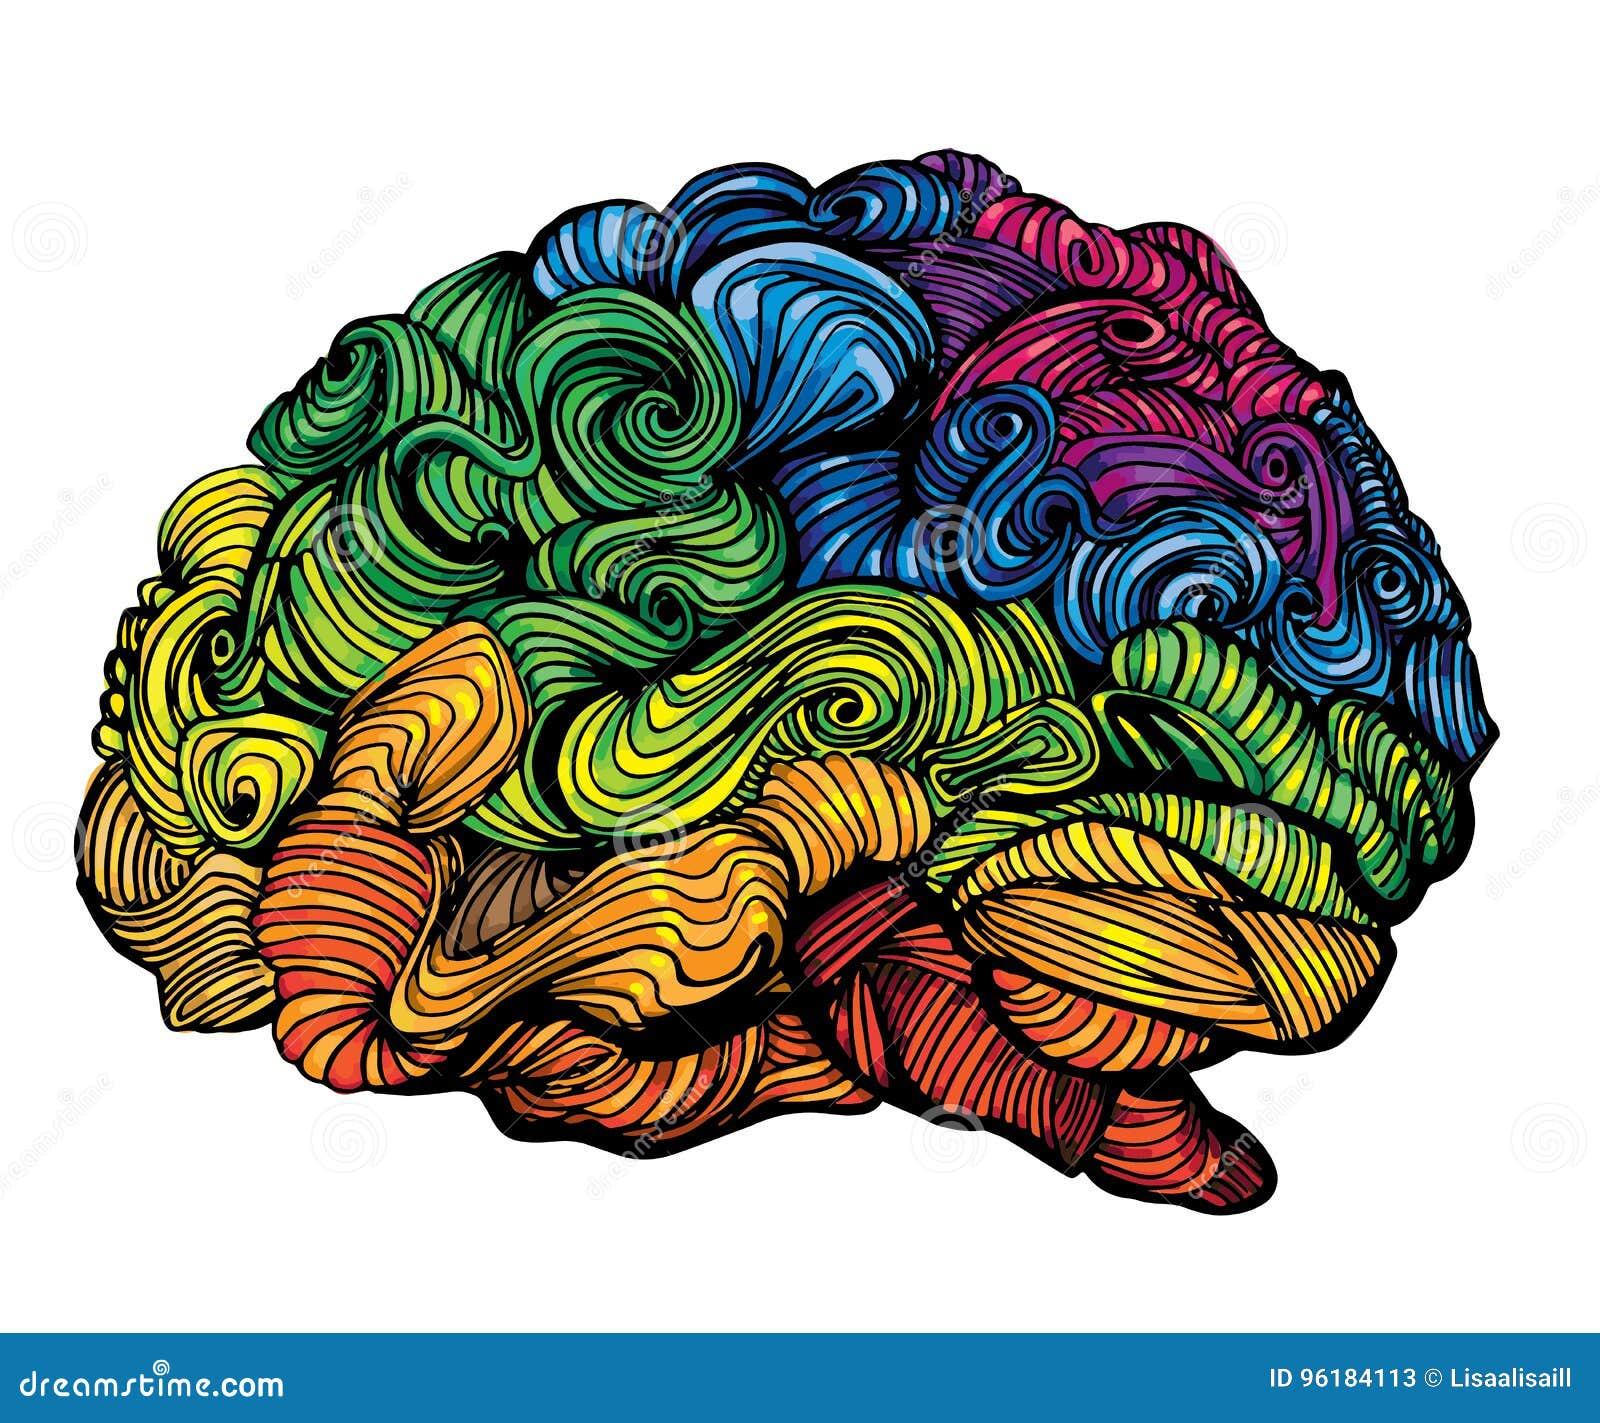 Brain Idea Illustration Concetto di vettore di scarabocchio circa cervello umano Illustrazione creativa con il cervello colorato